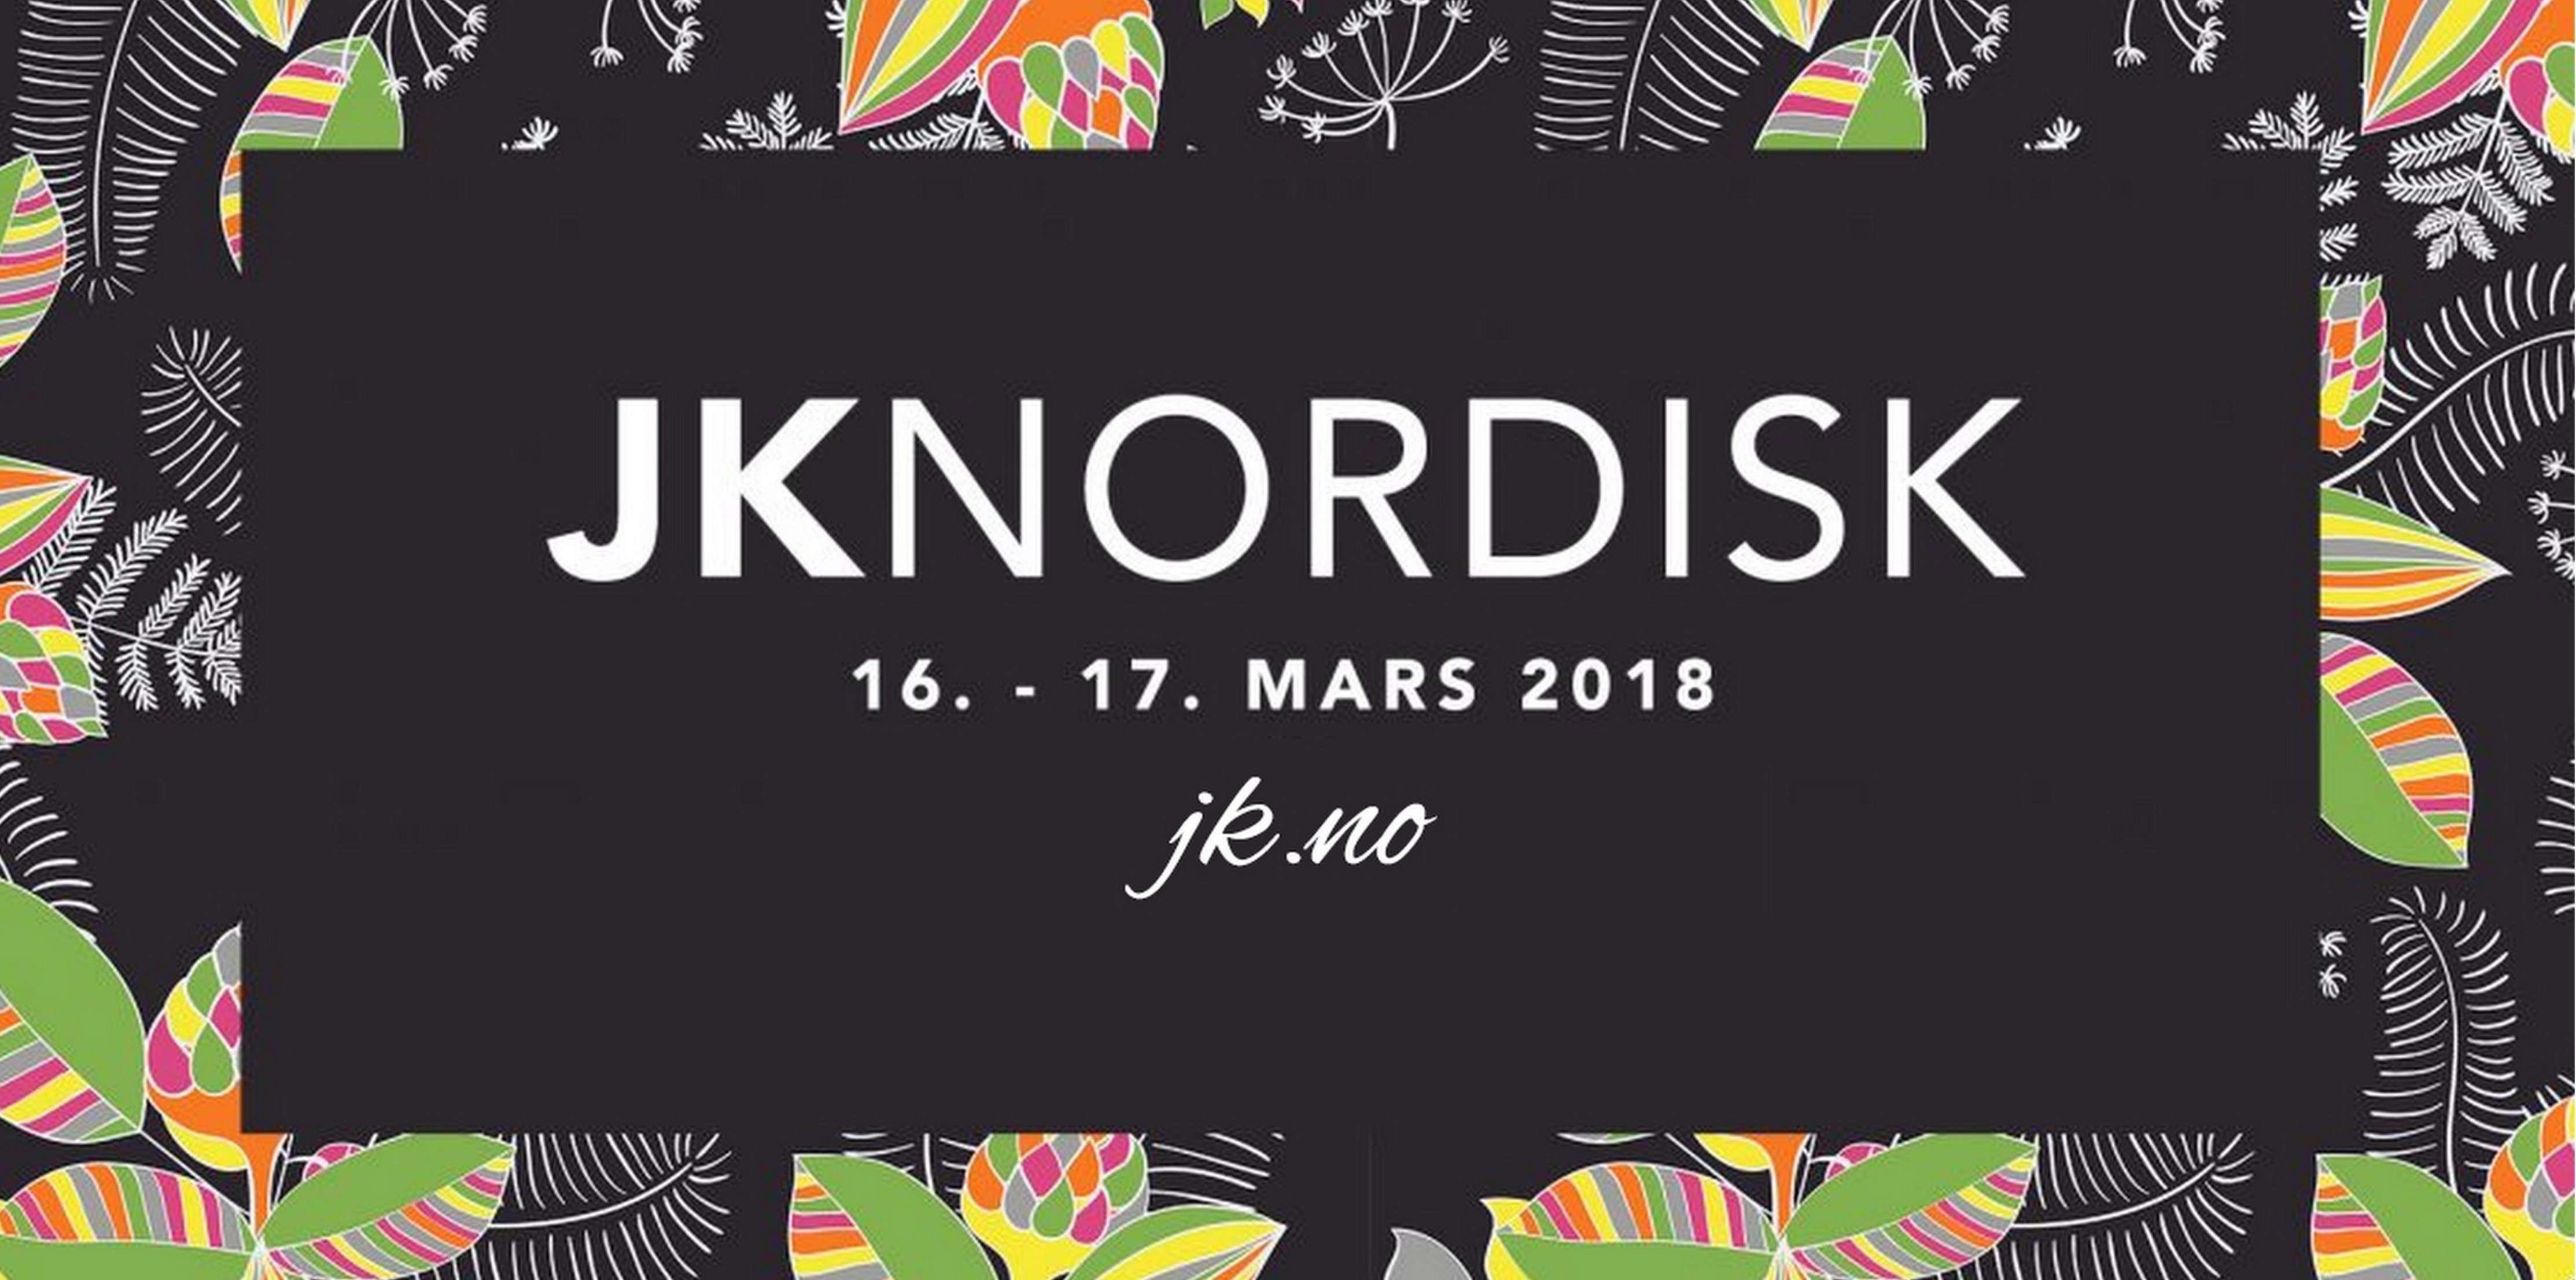 JK Nordisk 2018